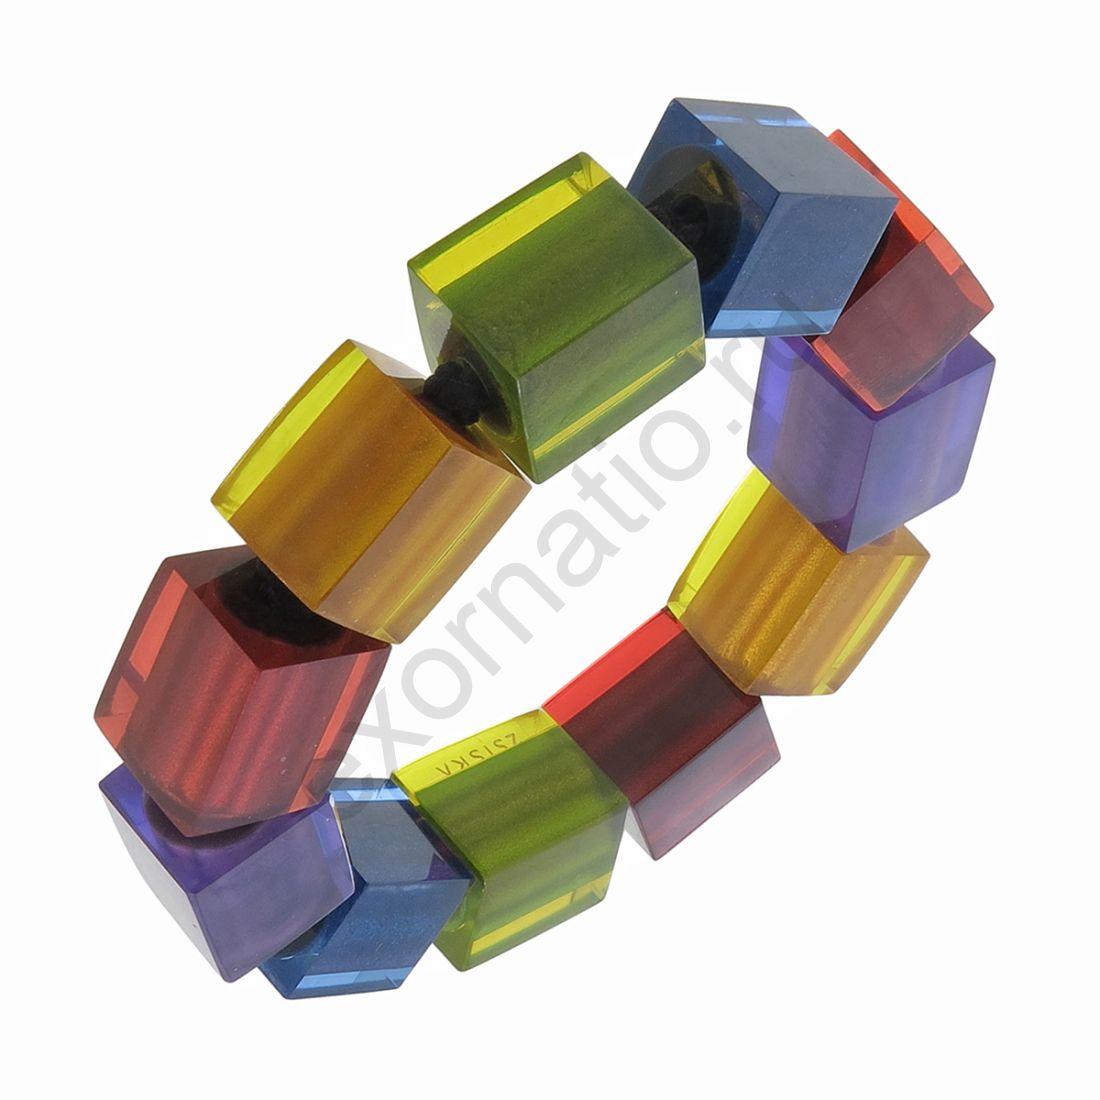 Браслет Zsiska 60103050499Q10. Коллекция Colorful Cubes